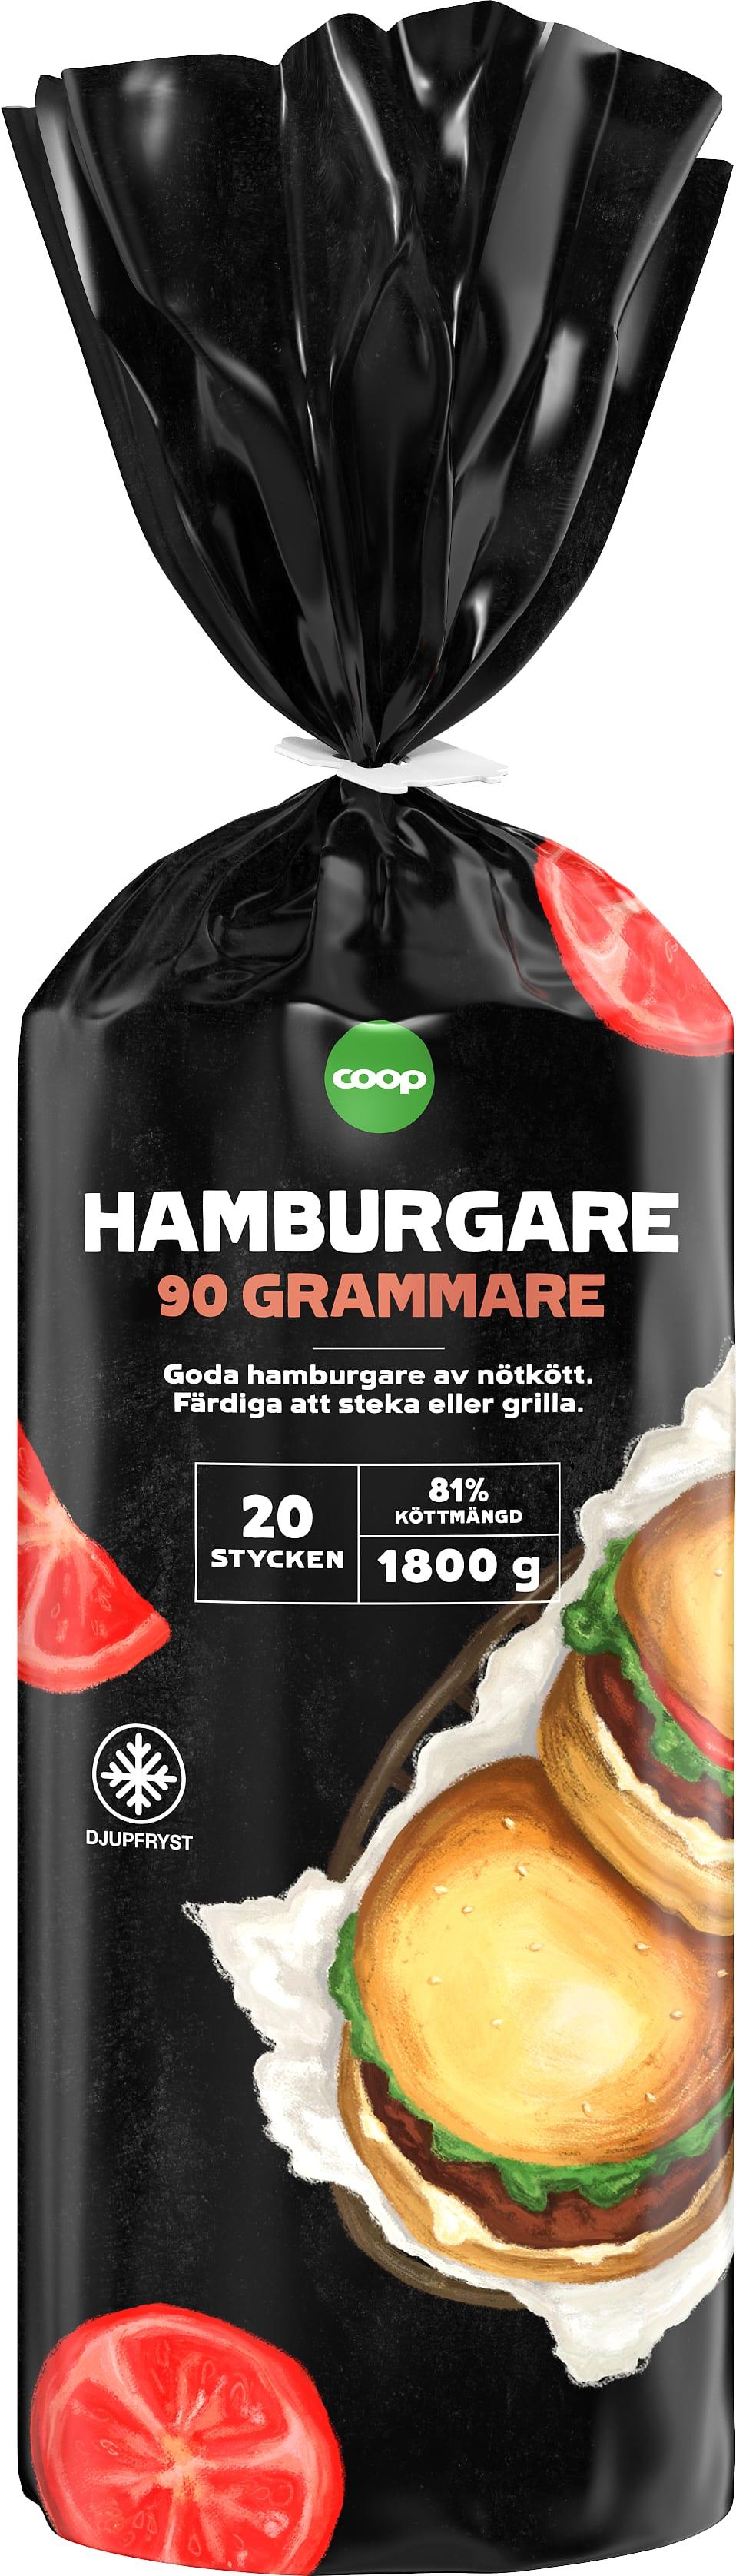 hamburgare 20 pack